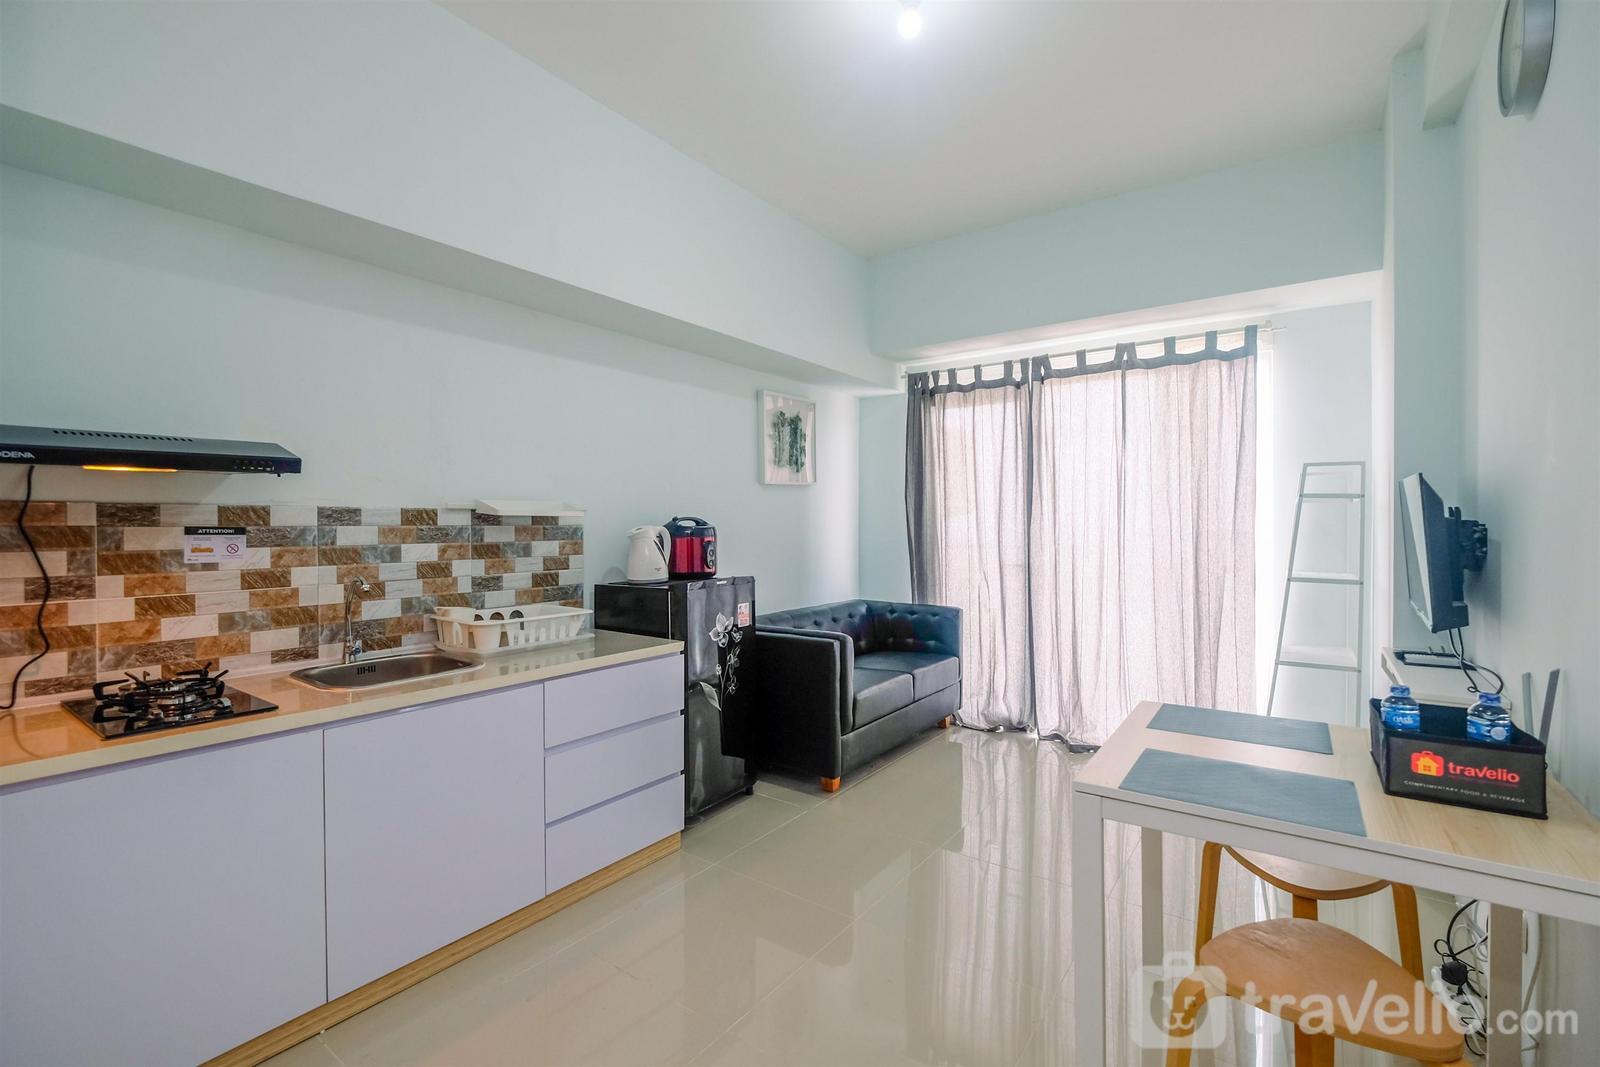 Apartemen Tamansari Mahogany Karawang - Cozy Stay 2BR Tamansari Mahogany Apartment By Travelio